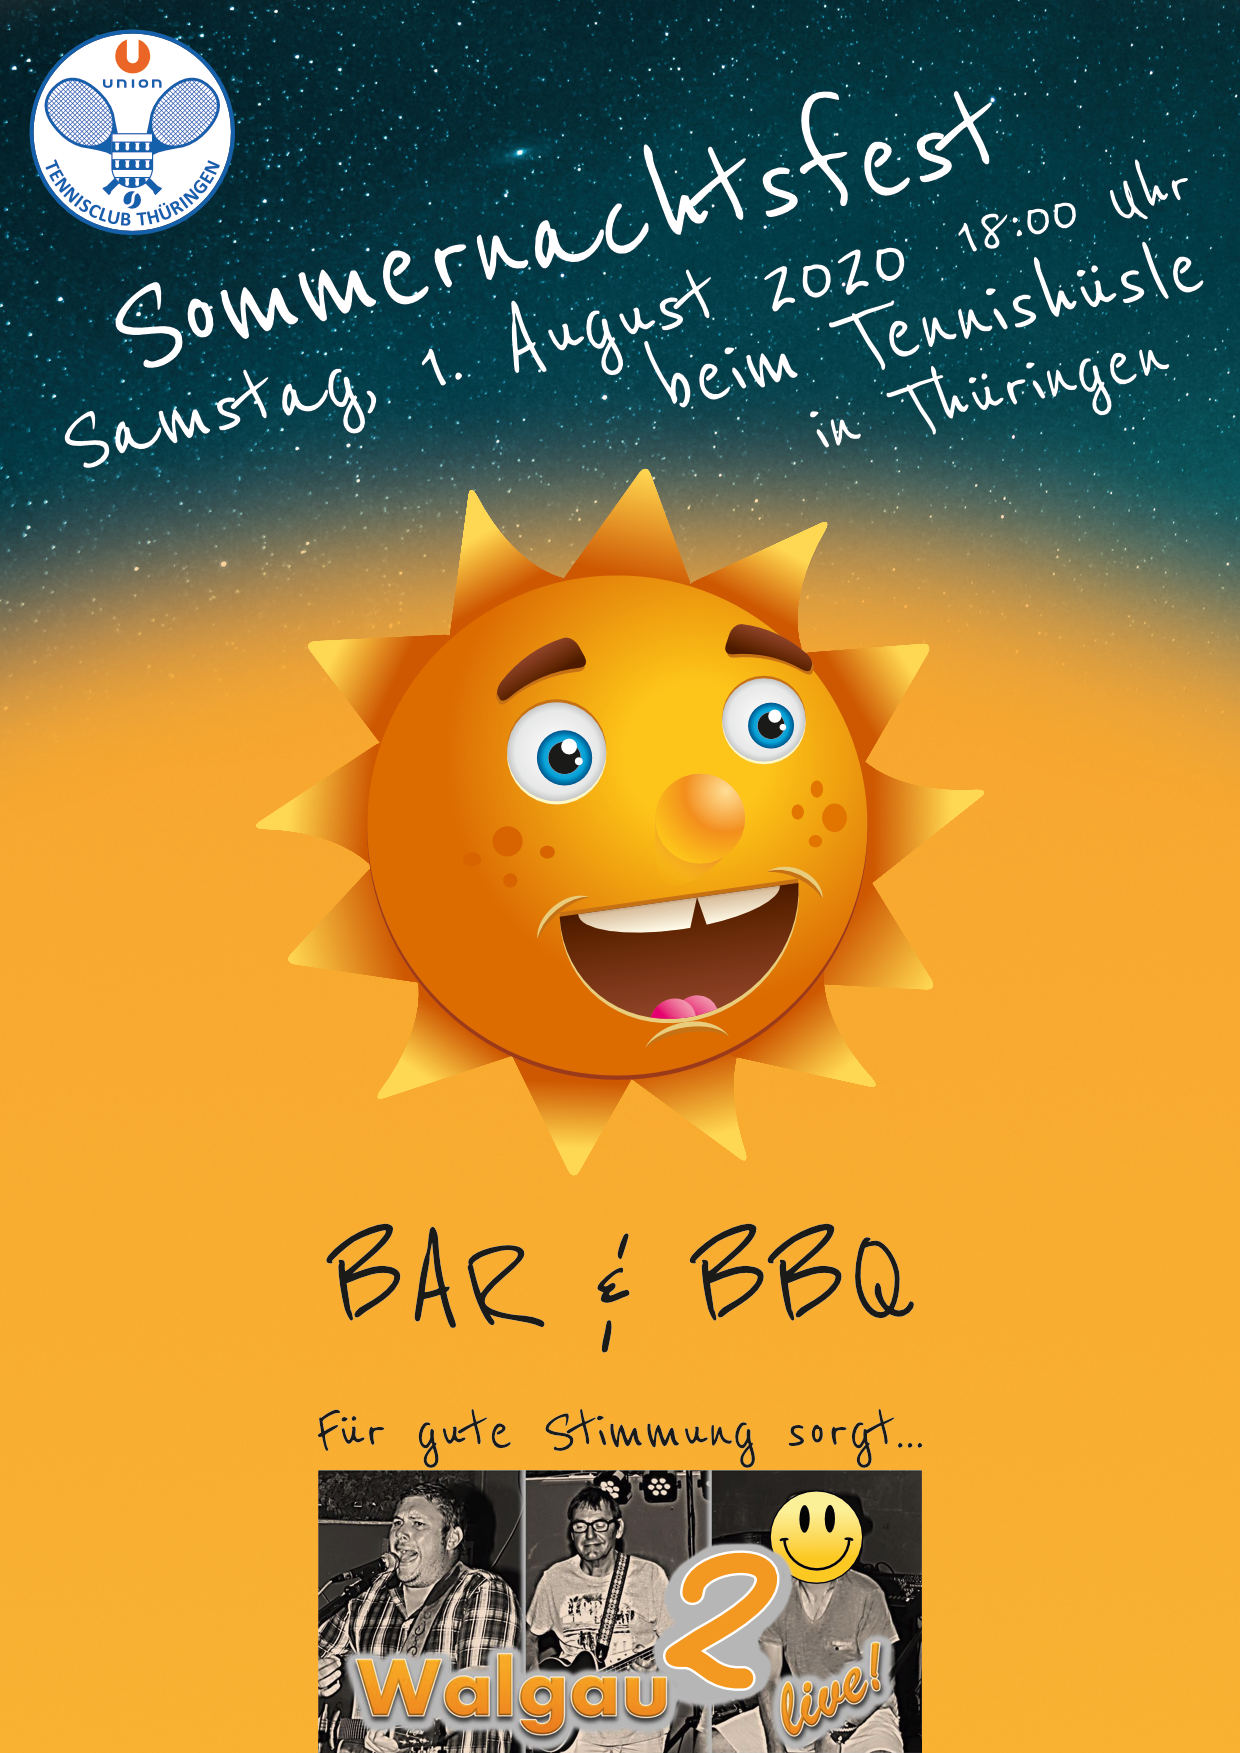 Sommernachtsfest 2020